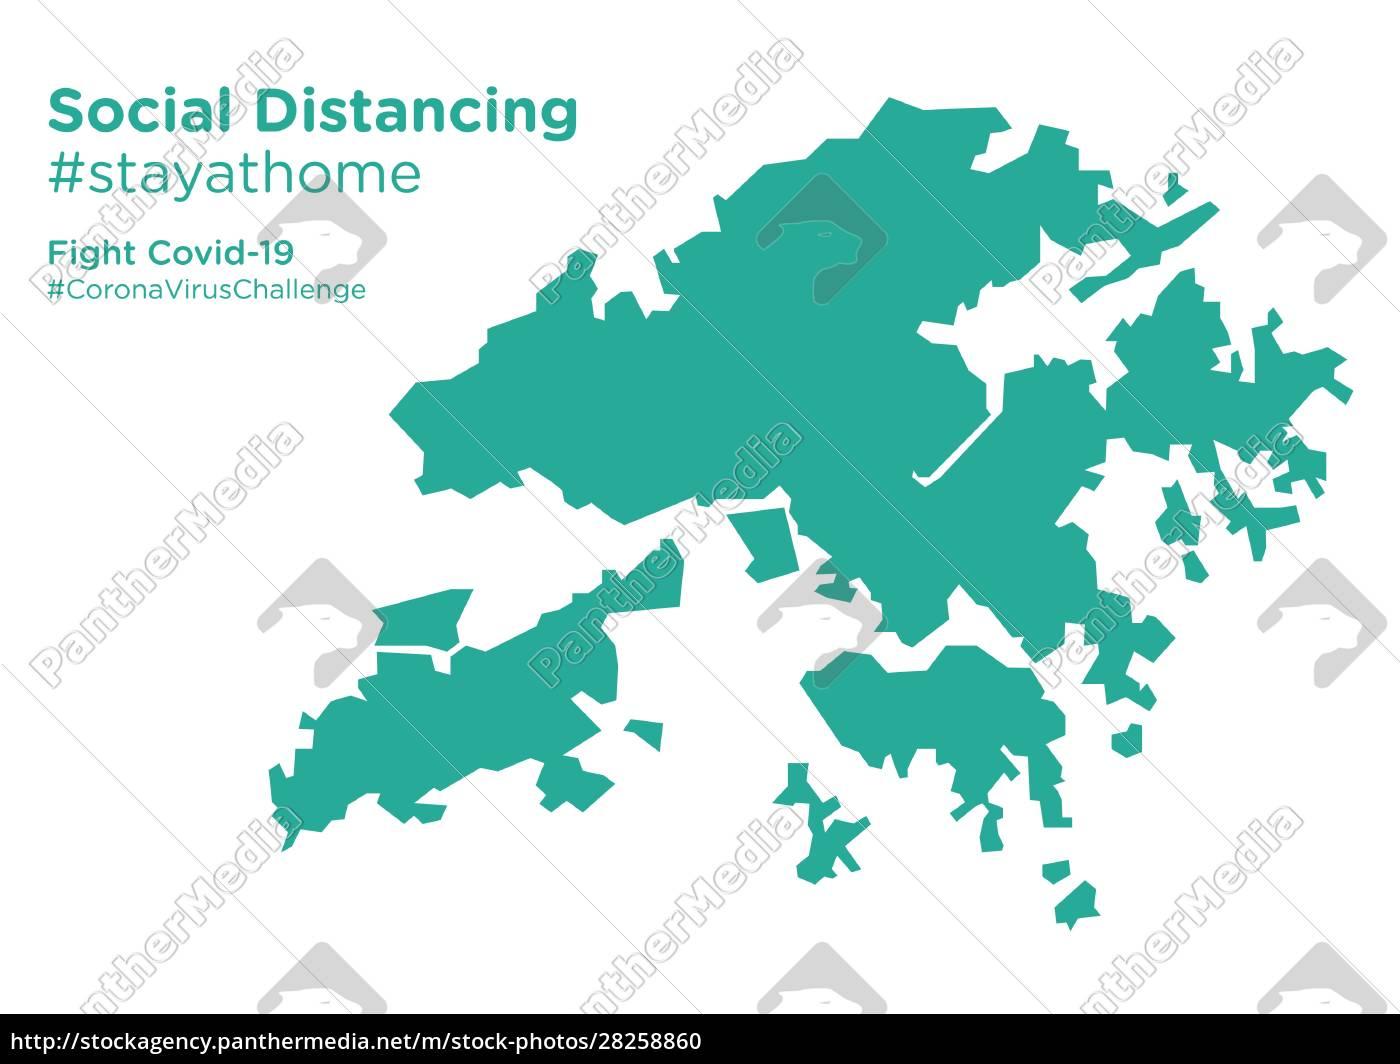 hongkong, map, with, social, distancing, stayathome - 28258860